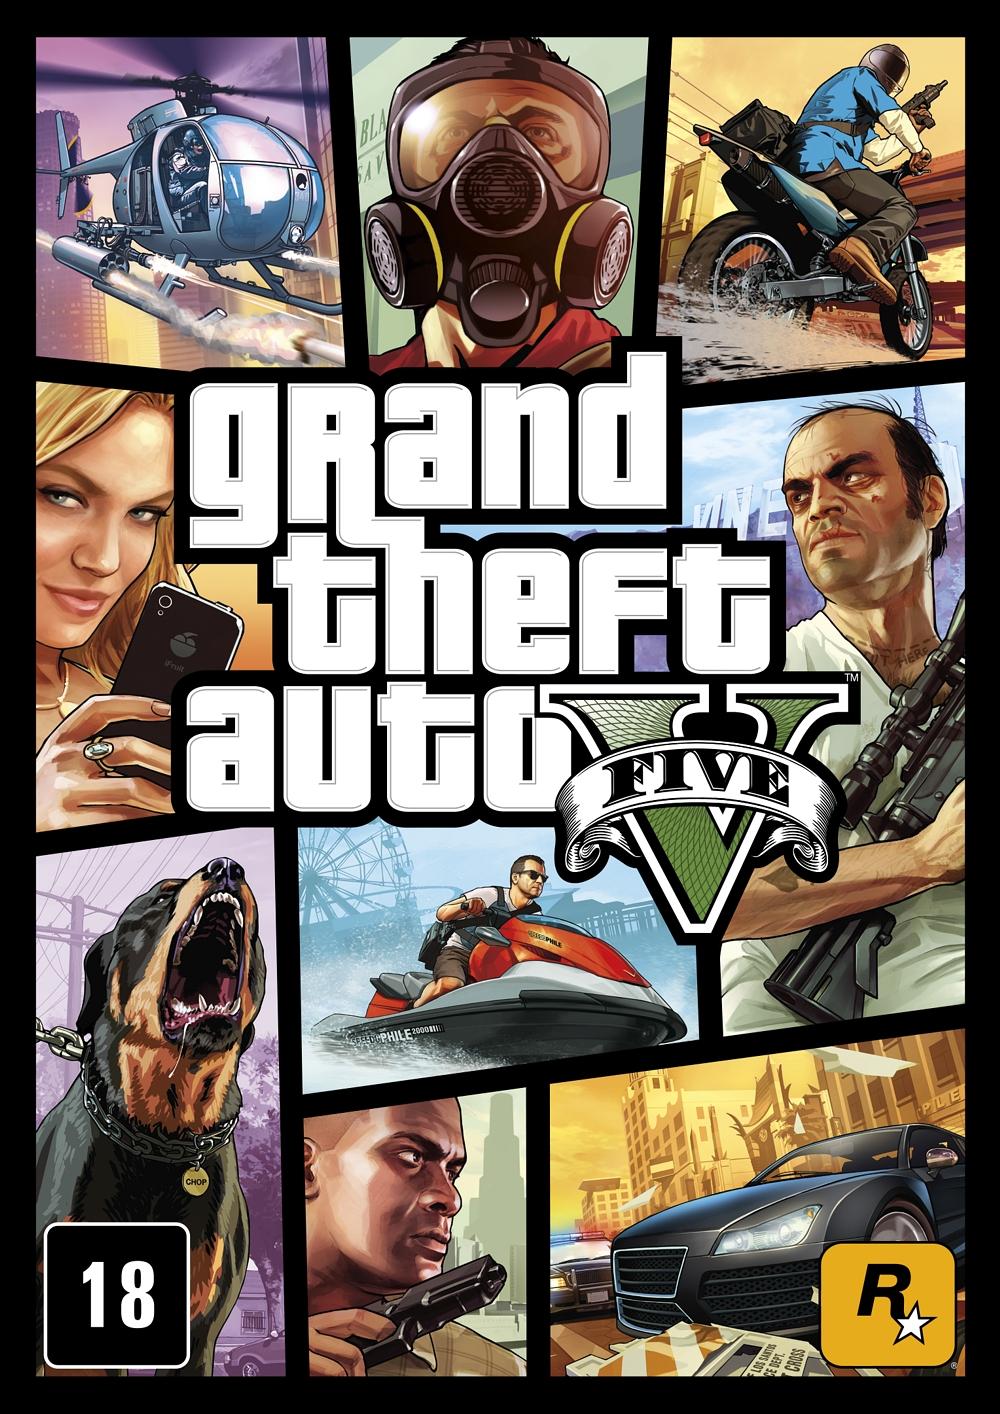 Grand Theft Auto V  (Цифровая версия)В Grand Theft Auto V поклонников ждет не просто самый огромный и детализированный мир из когда-либо создававшихся Rockstar Games, но и возможность влиять на жизнь и поступки сразу трех главных героев.<br>